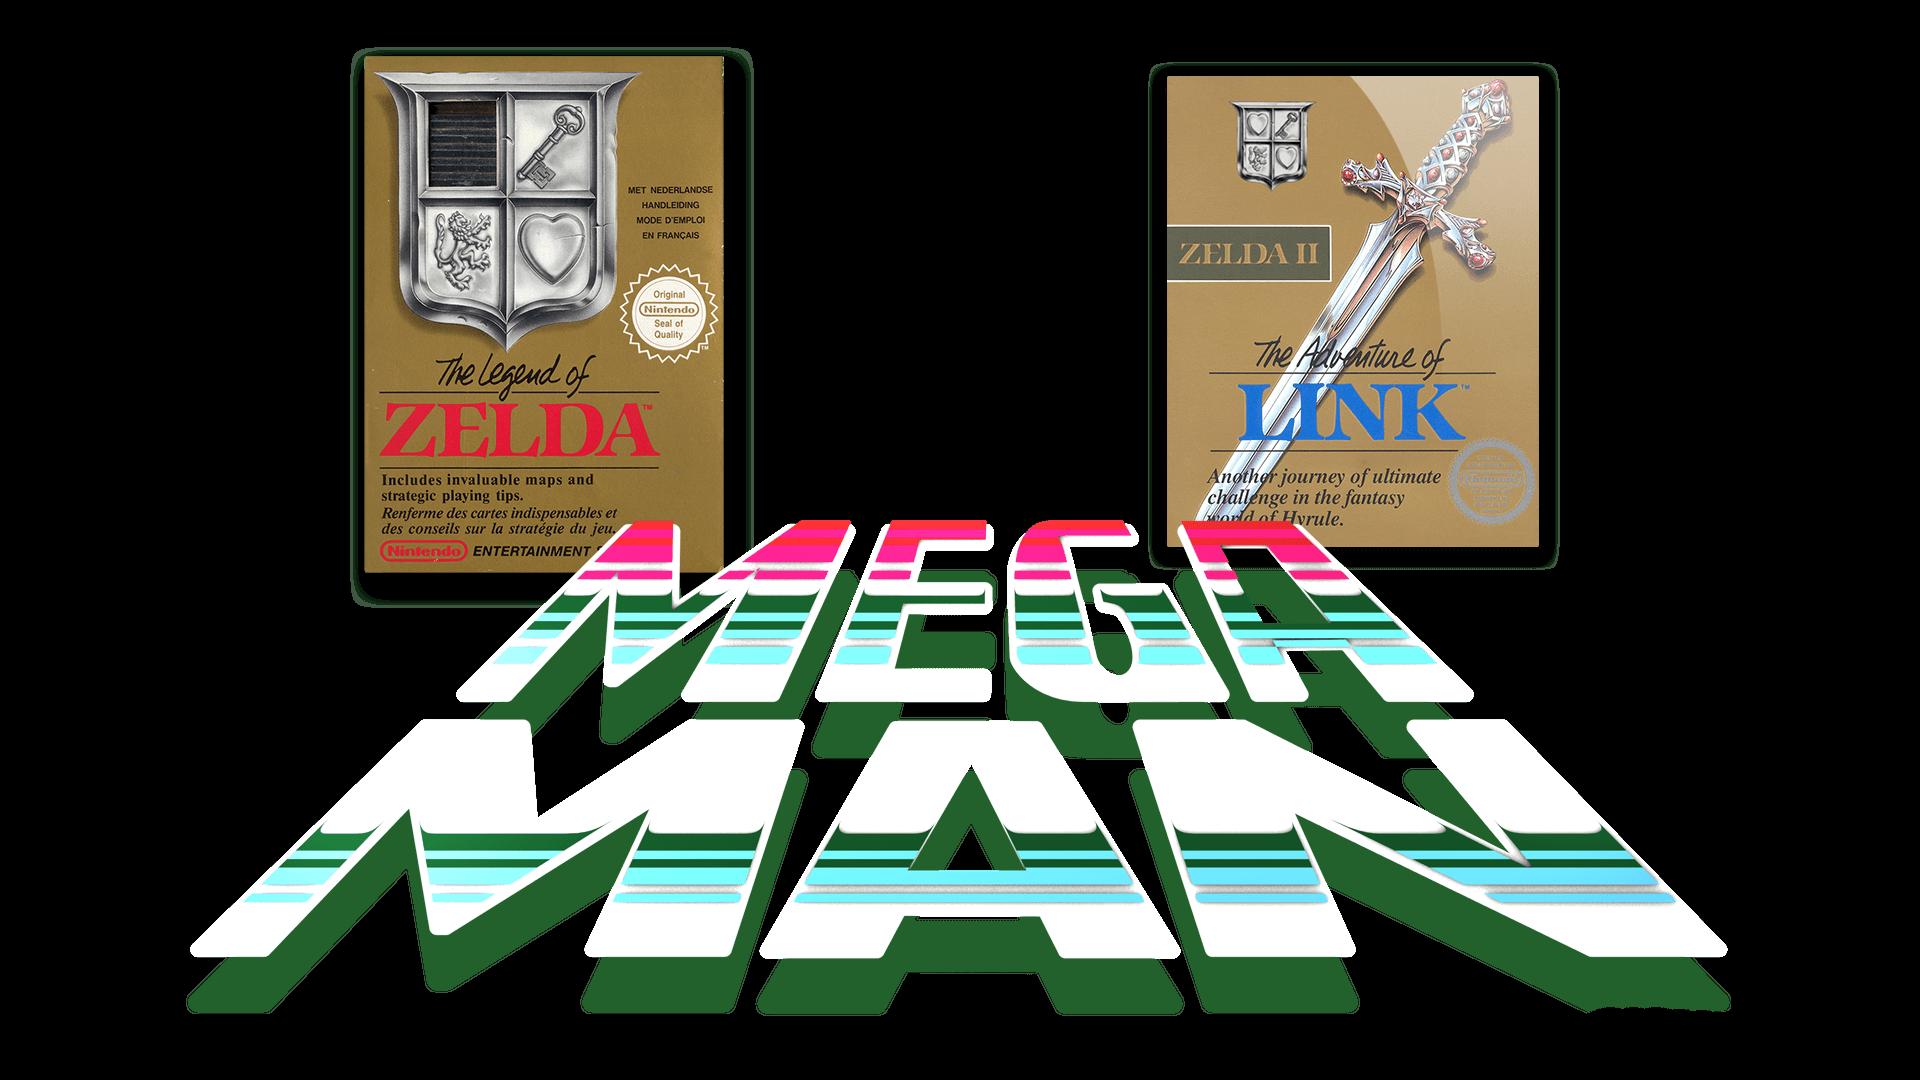 Les deux premiers Legend Of Zelda et Mega Man étaient déjà critiqués à leur époque au sujet de leur difficulté élevée. #GuiDaFunkyMan #retrogaming #soulsborne #DarkSouls #Bloodborne